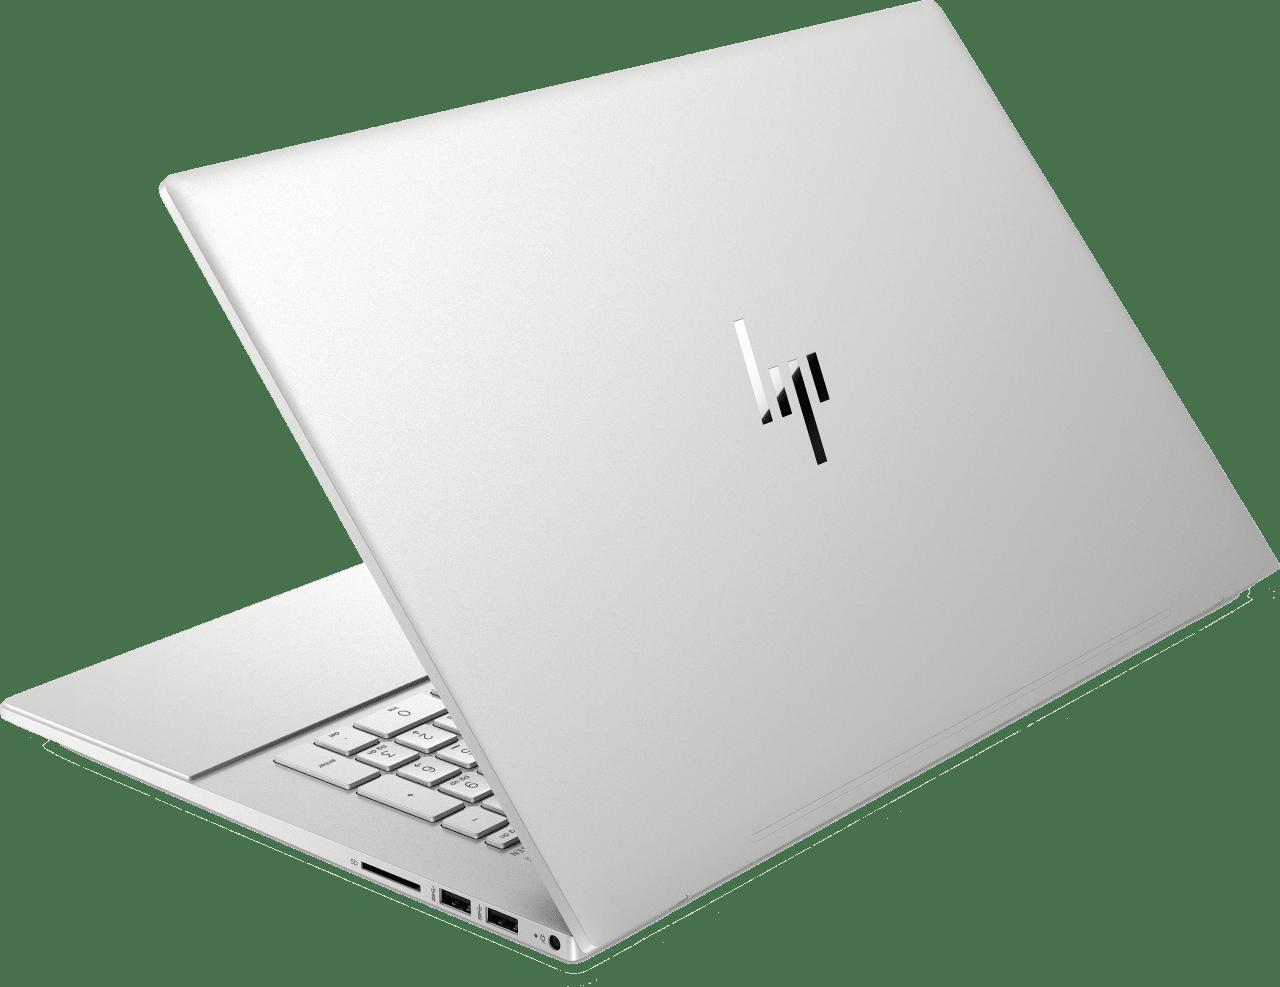 Natural Silver HP Envy 17-cg0220ng Notebook - Intel® Core™ i7-1065G7 - 16GB - 1TB PCIe - NVIDIA® GeForce® MX330.2